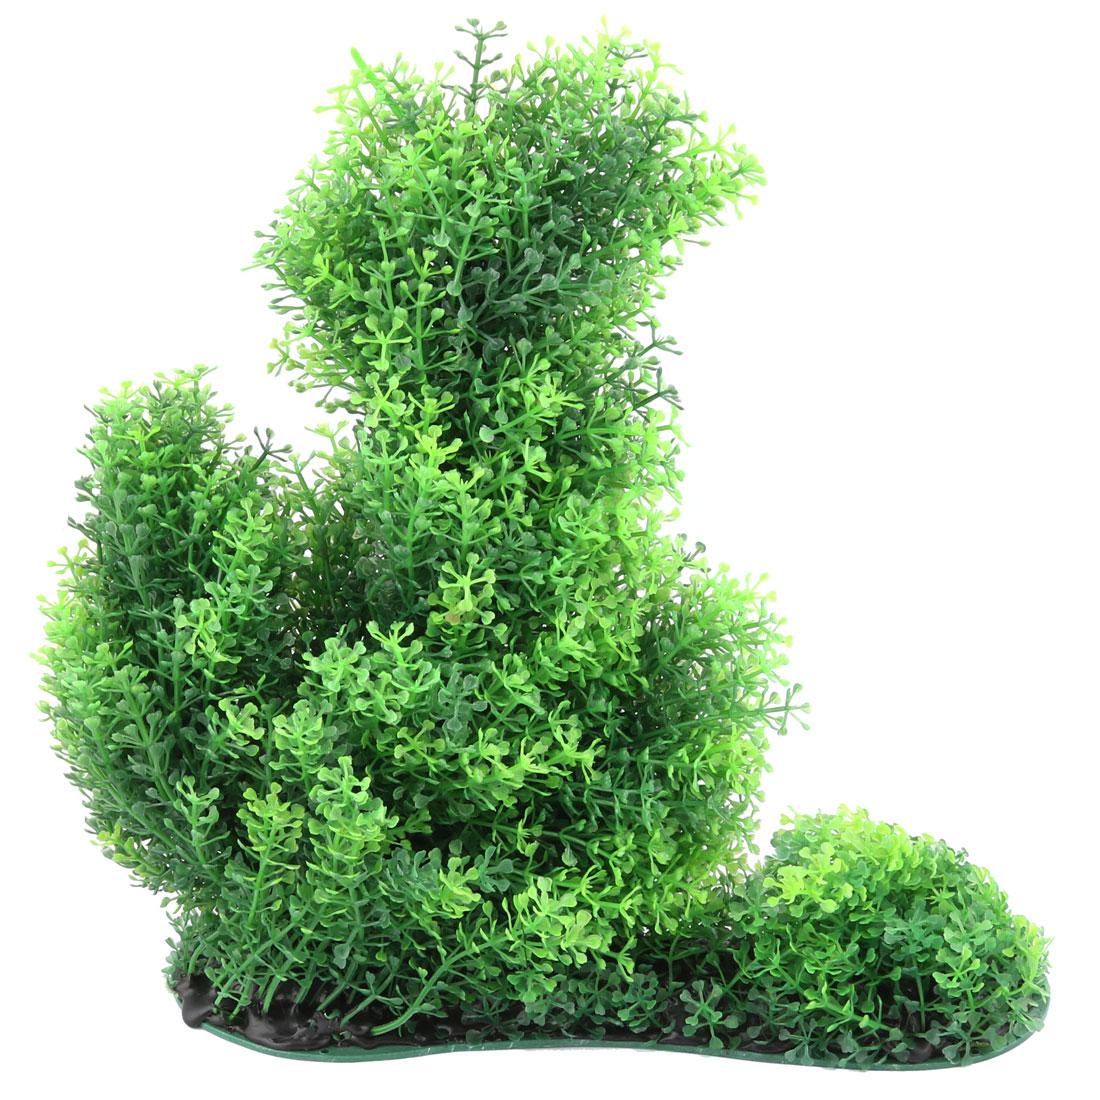 Aquarium Fish Tank Plastic Artificial Plant Grass Ornament Green 28cm Height